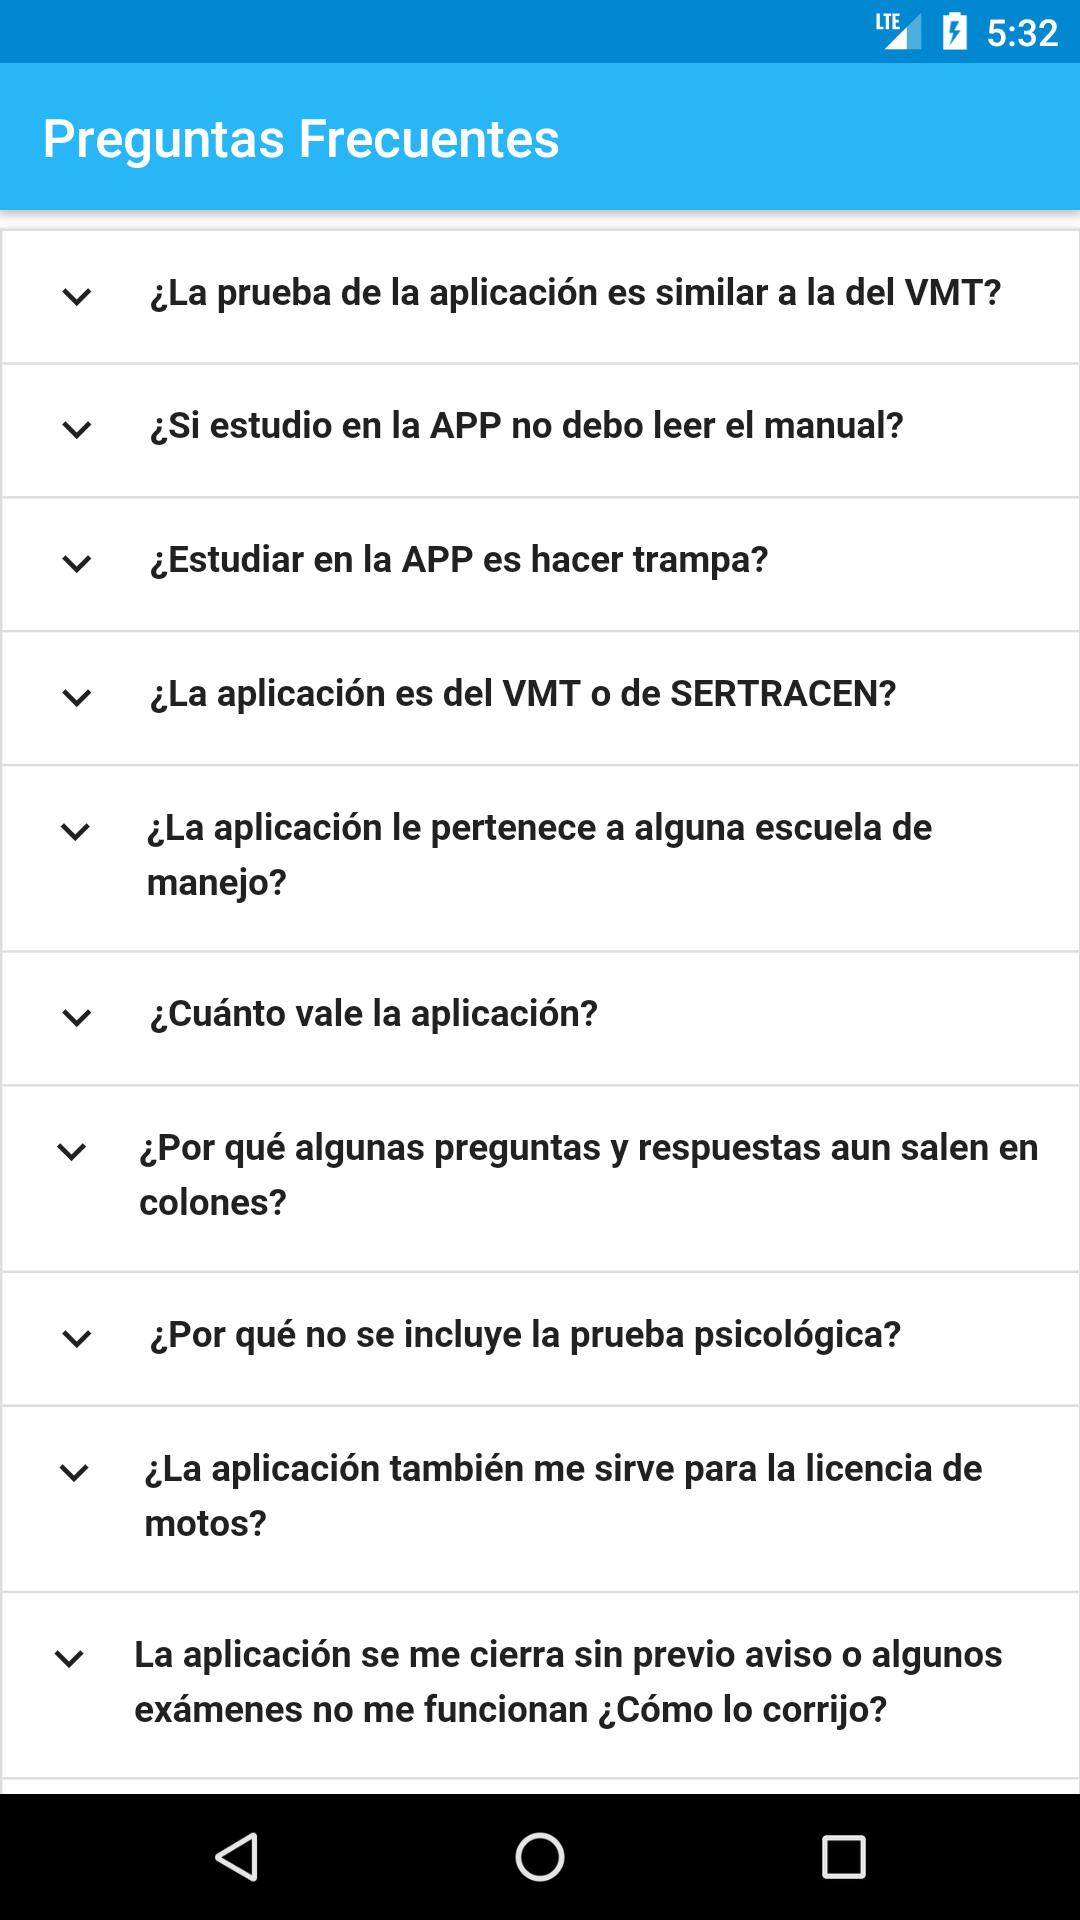 Examensv Examen De Manejo El Salvador